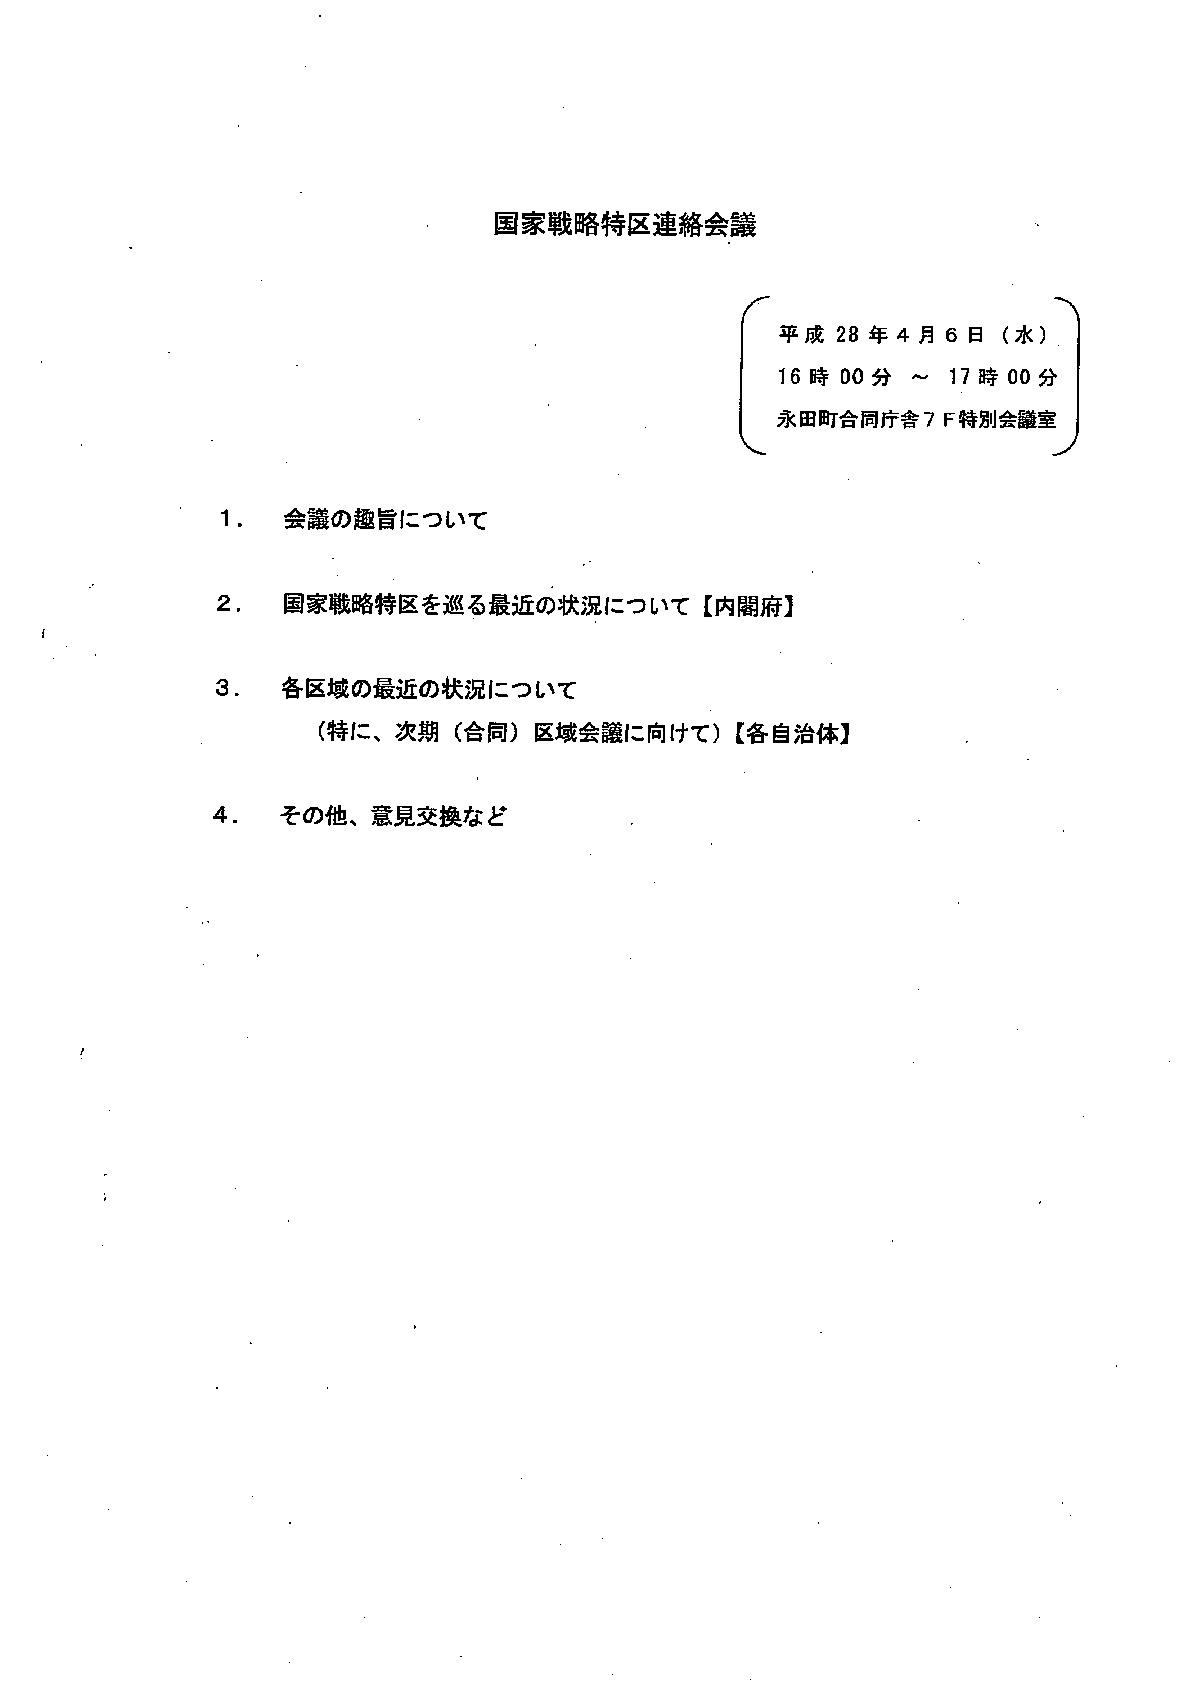 今治市 20160406-7 国家戦略特区連絡会議 国交副大臣面会 (6)